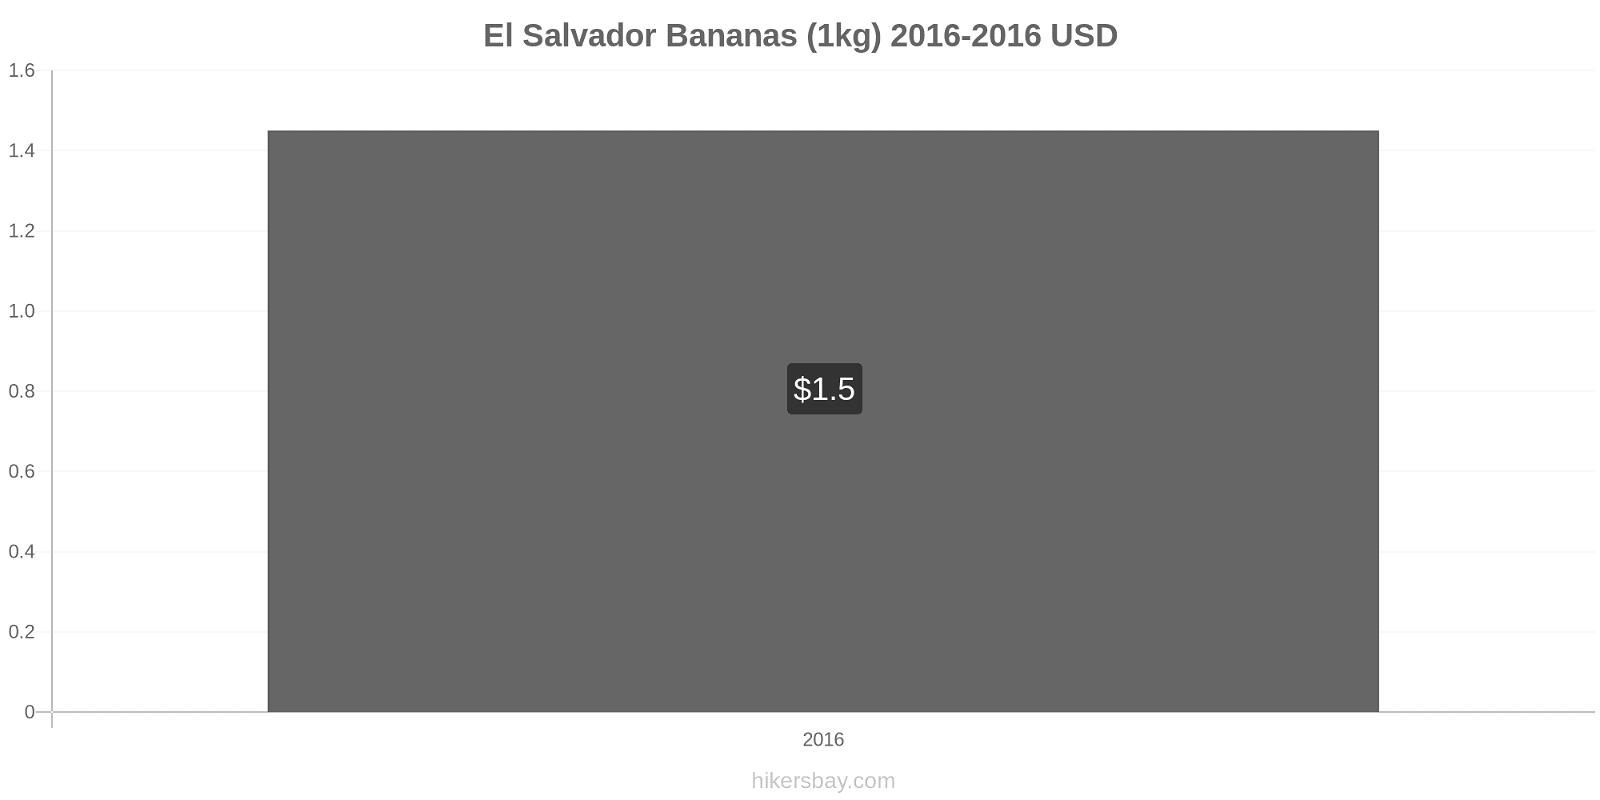 El Salvador price changes Bananas (1kg) hikersbay.com